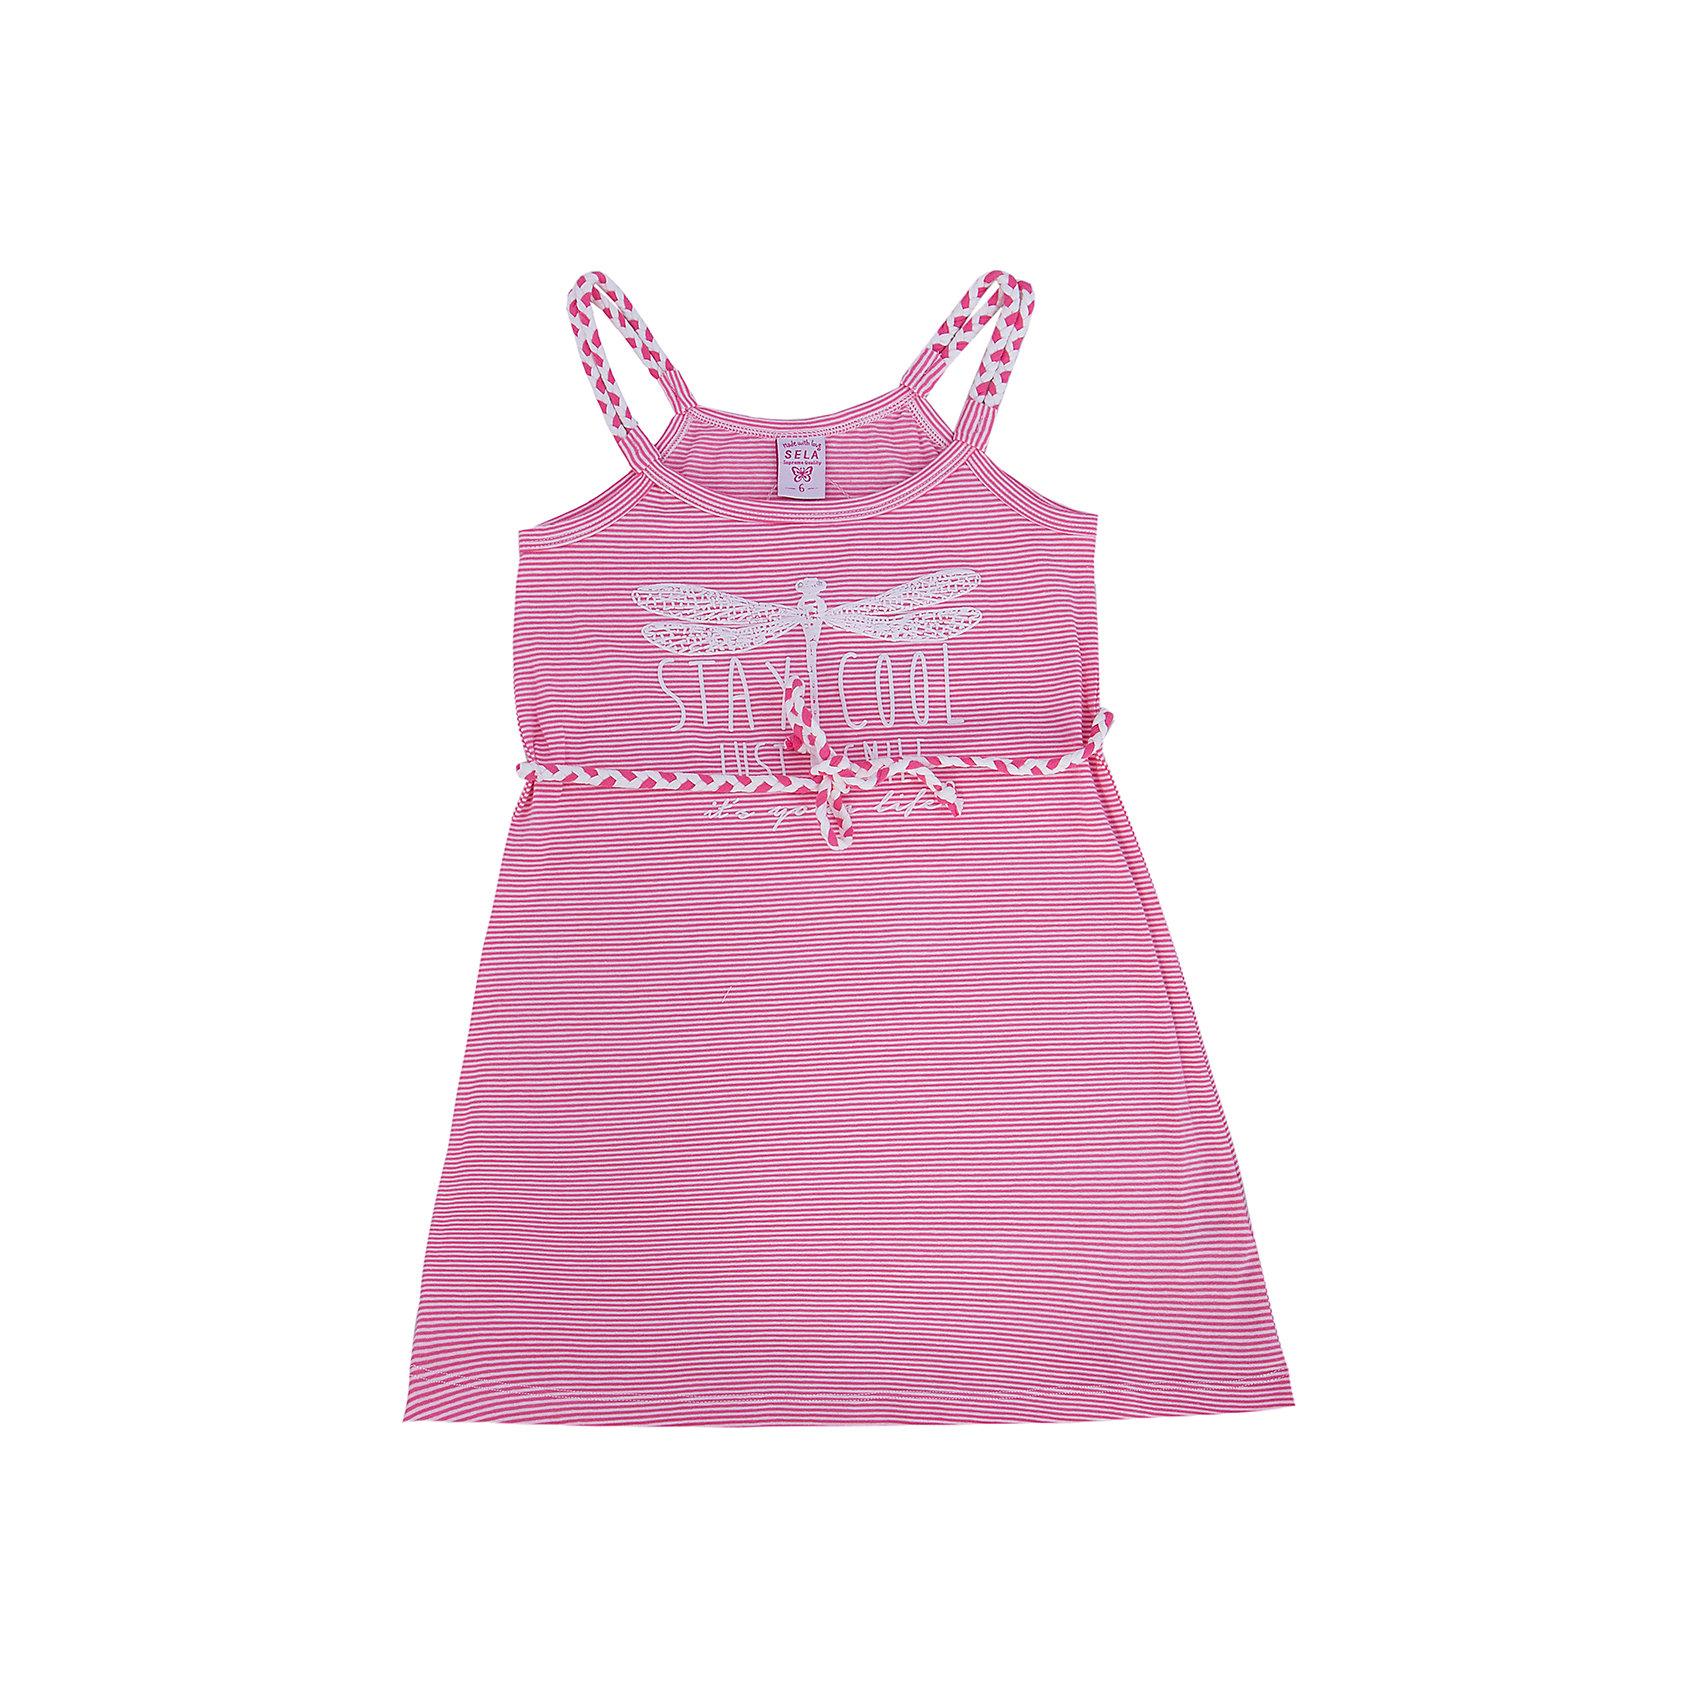 Платье для девочки SELAПлатья и сарафаны<br>Стильное платье для девочки от популярного бренда SELA. Изделие выполнено из высококачественного трикотажа, мягкого, эластичного и приятного к телу, и обладает следующими особенностями:<br>- розовый цвет, актуальный принт полоска;<br>- эффектные бретели и пояс-шнурок;<br>- без рукавов;<br>- округлый вырез горловины;<br>- А-силуэт;<br>- комфортный крой, обеспечивающий свободу движения.<br>Прекрасный выбор для летних дней!<br><br>Дополнительная информация:<br>- состав: 95% хлопок, 5% эластан<br>- цвет: розовый + белый<br><br>Платье для девочки SELA (СЕЛА) можно купить в нашем магазине<br><br>Ширина мм: 236<br>Глубина мм: 16<br>Высота мм: 184<br>Вес г: 177<br>Цвет: розовый<br>Возраст от месяцев: 108<br>Возраст до месяцев: 120<br>Пол: Женский<br>Возраст: Детский<br>Размер: 140,146,152,128,134,116,122<br>SKU: 4741605